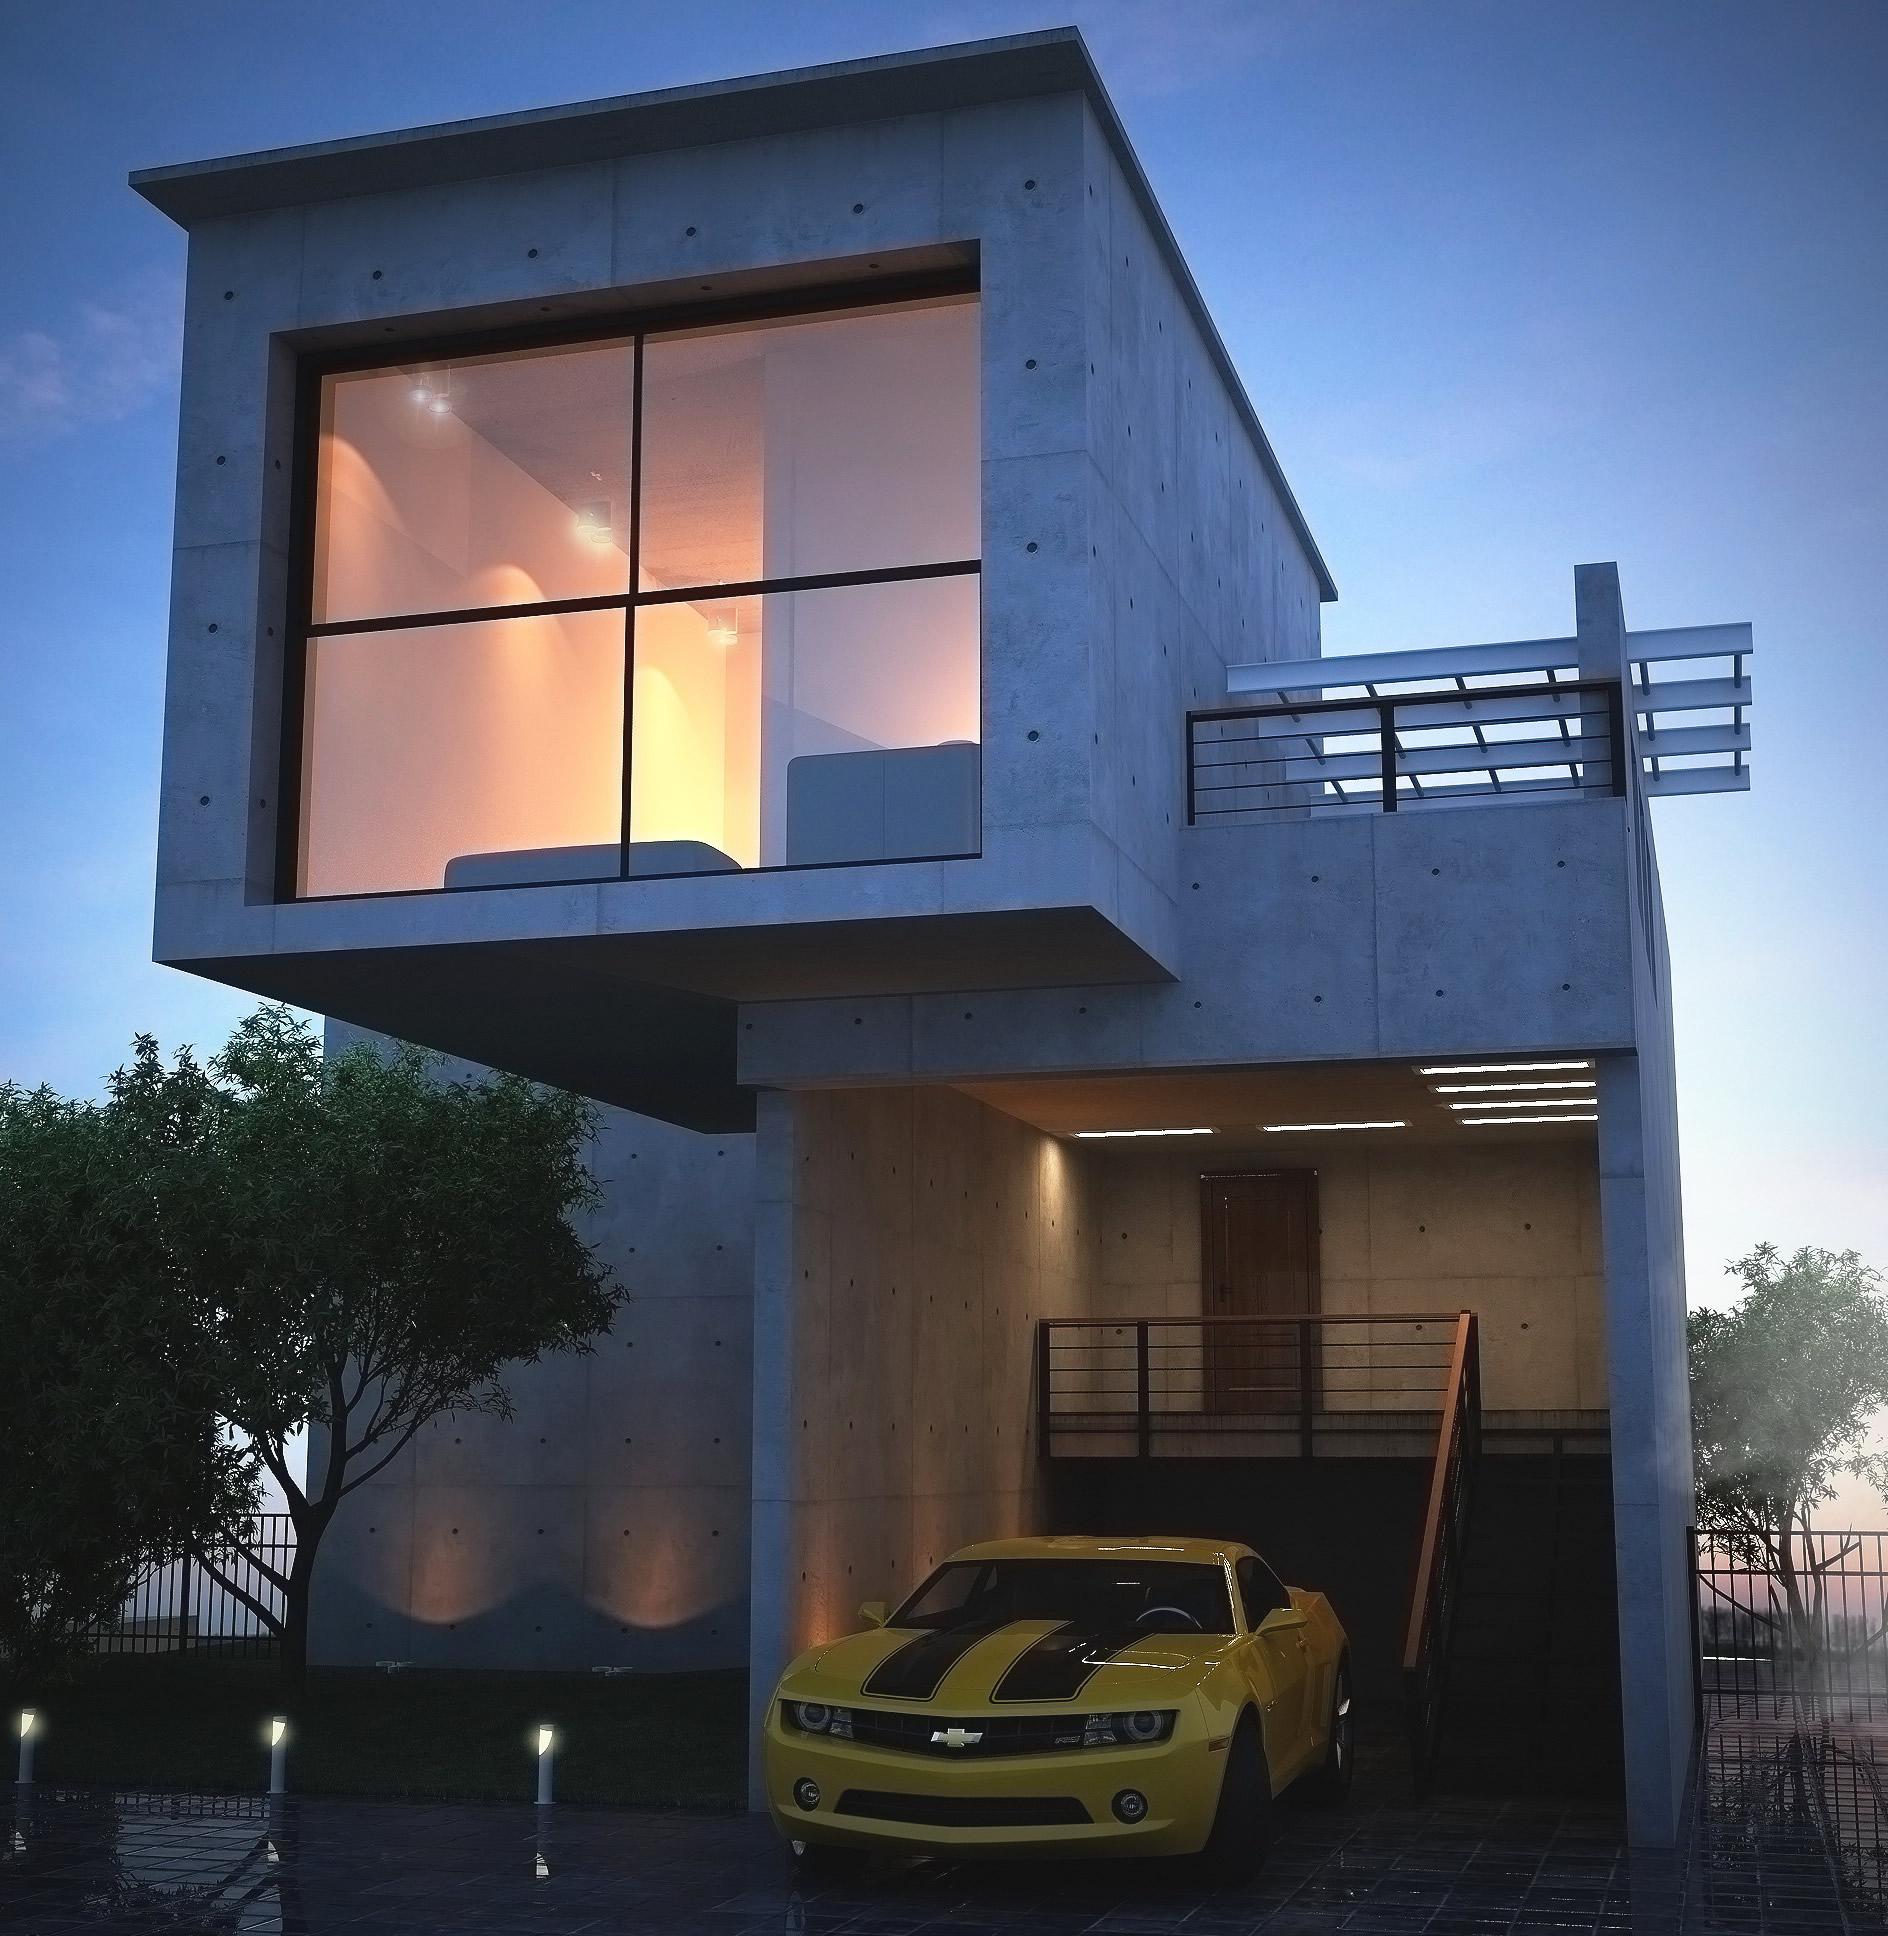 Casas lindas 26 fotos inspiradoras arquidicas for Fotos de casas modernas brasileiras